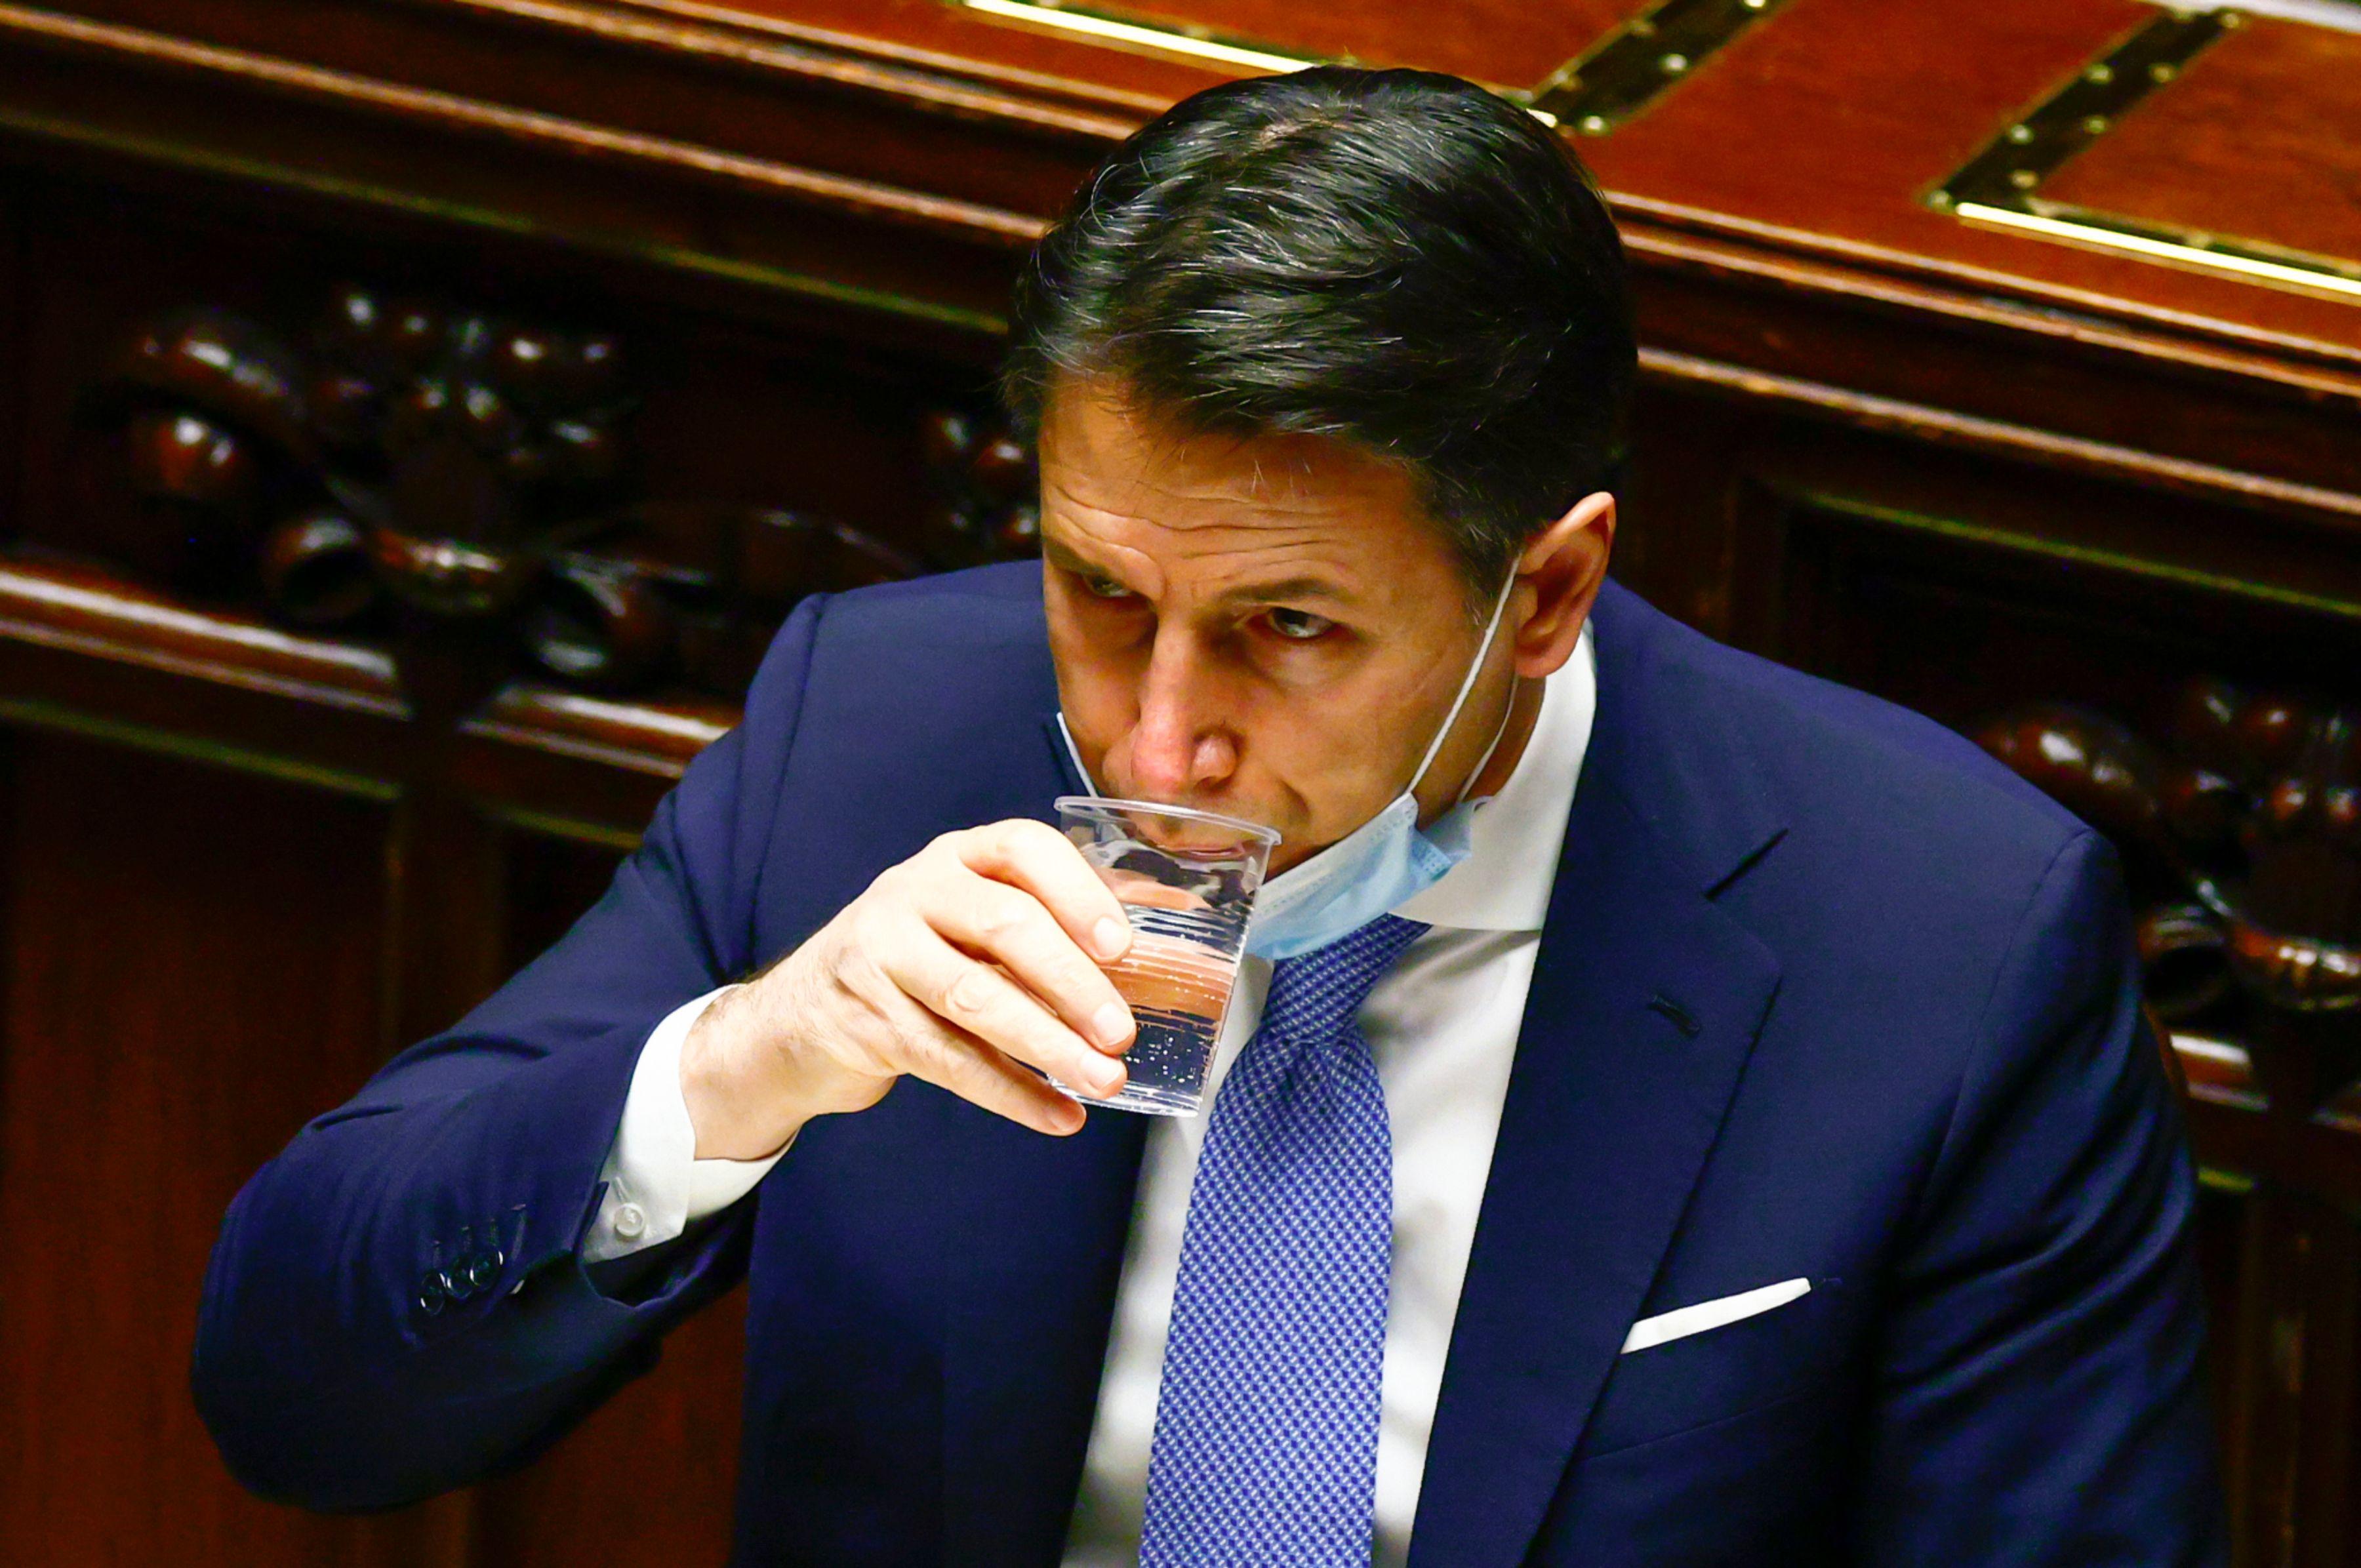 جوزپه کونته ، دیروز در پارلمان ایتالیا.